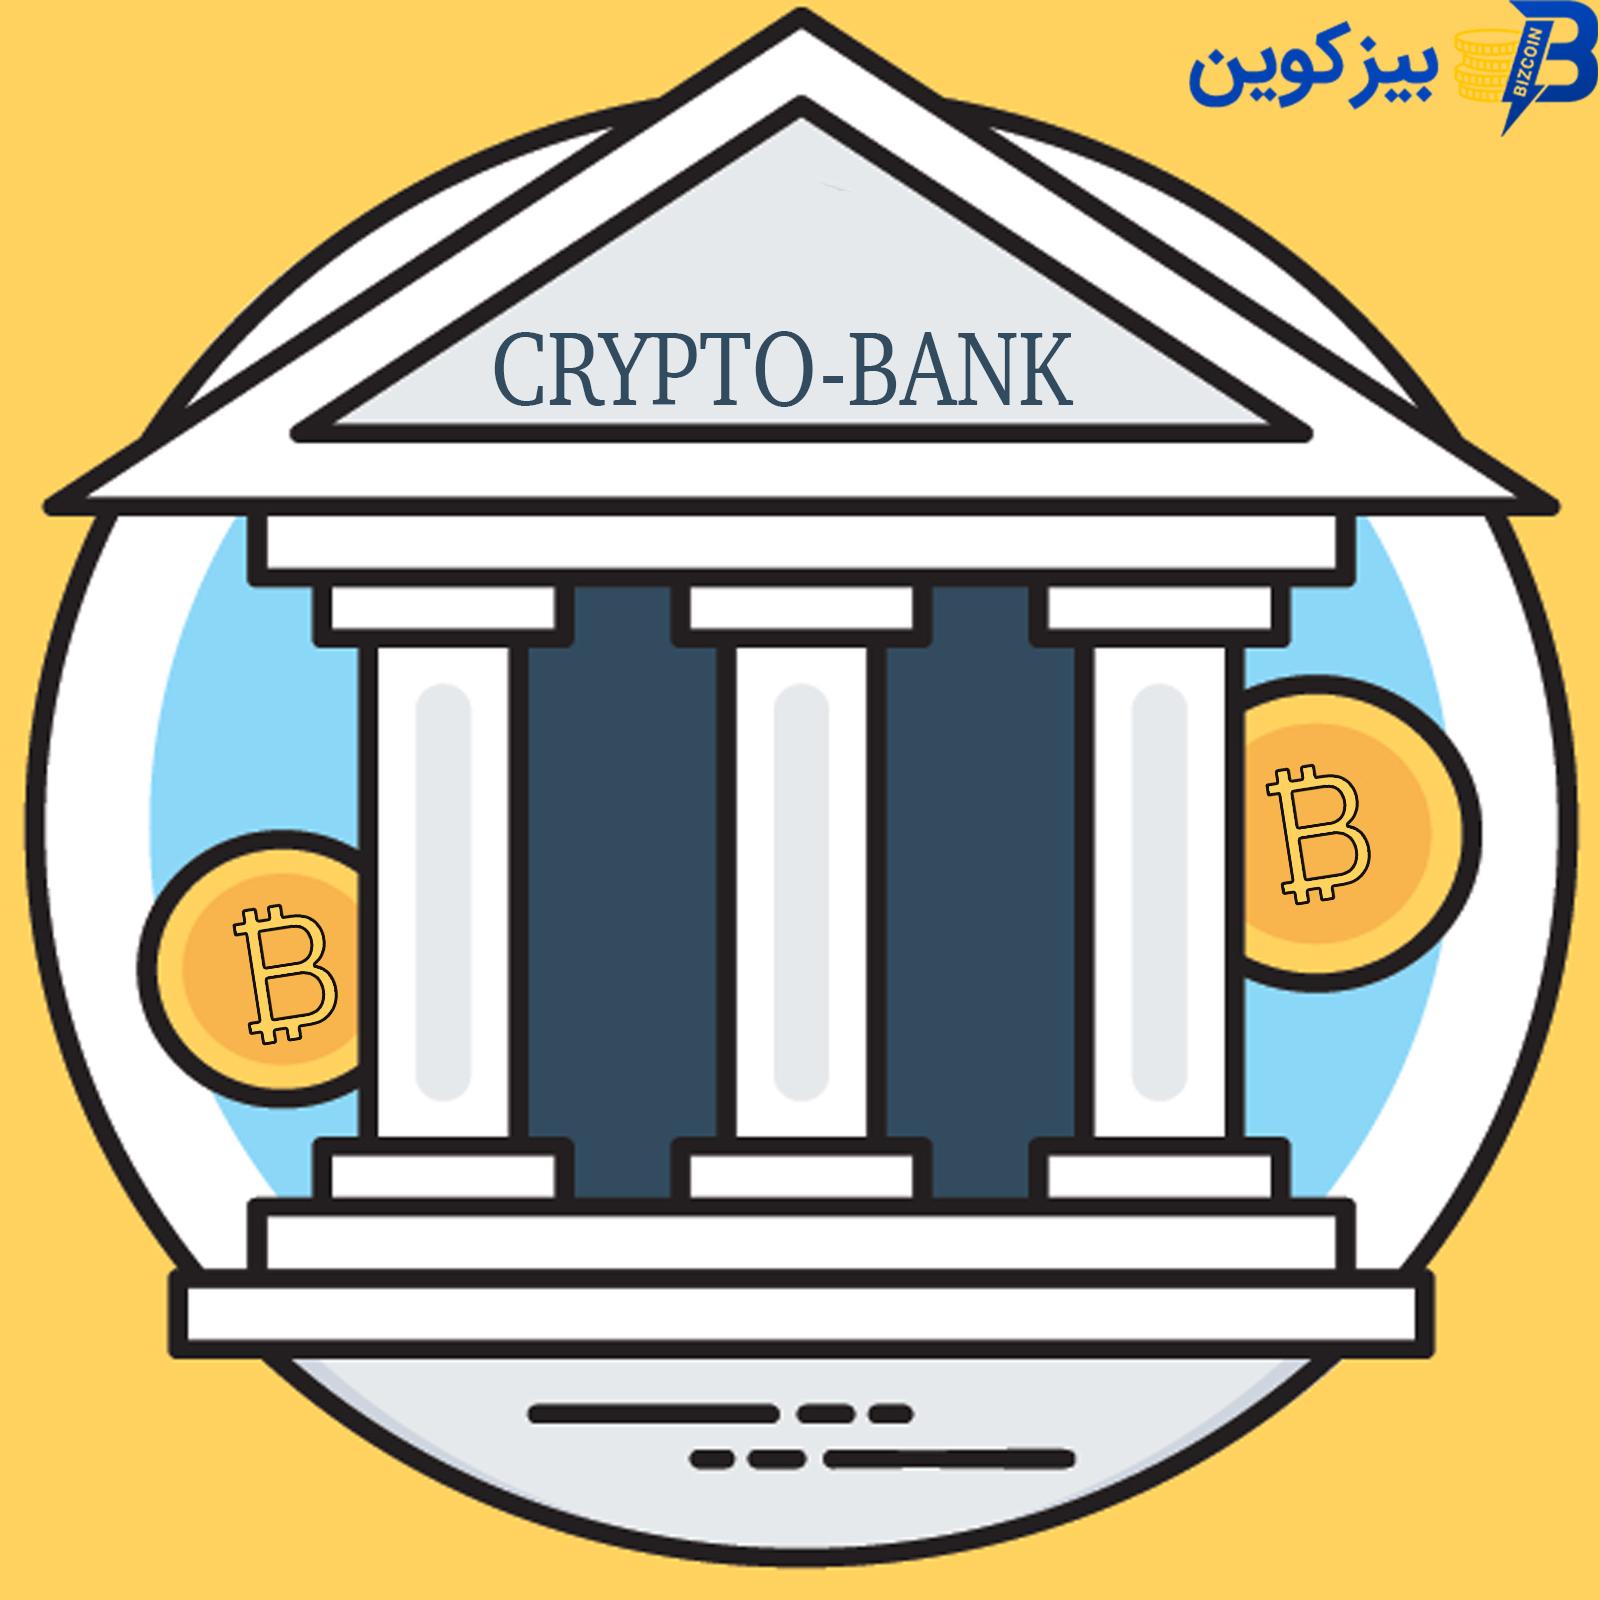 """مدیر عامل مورگان کریک می گوید ، جامعه بی بانک به دلیل رمزنگاری """"اجتناب ناپذیر"""" است"""